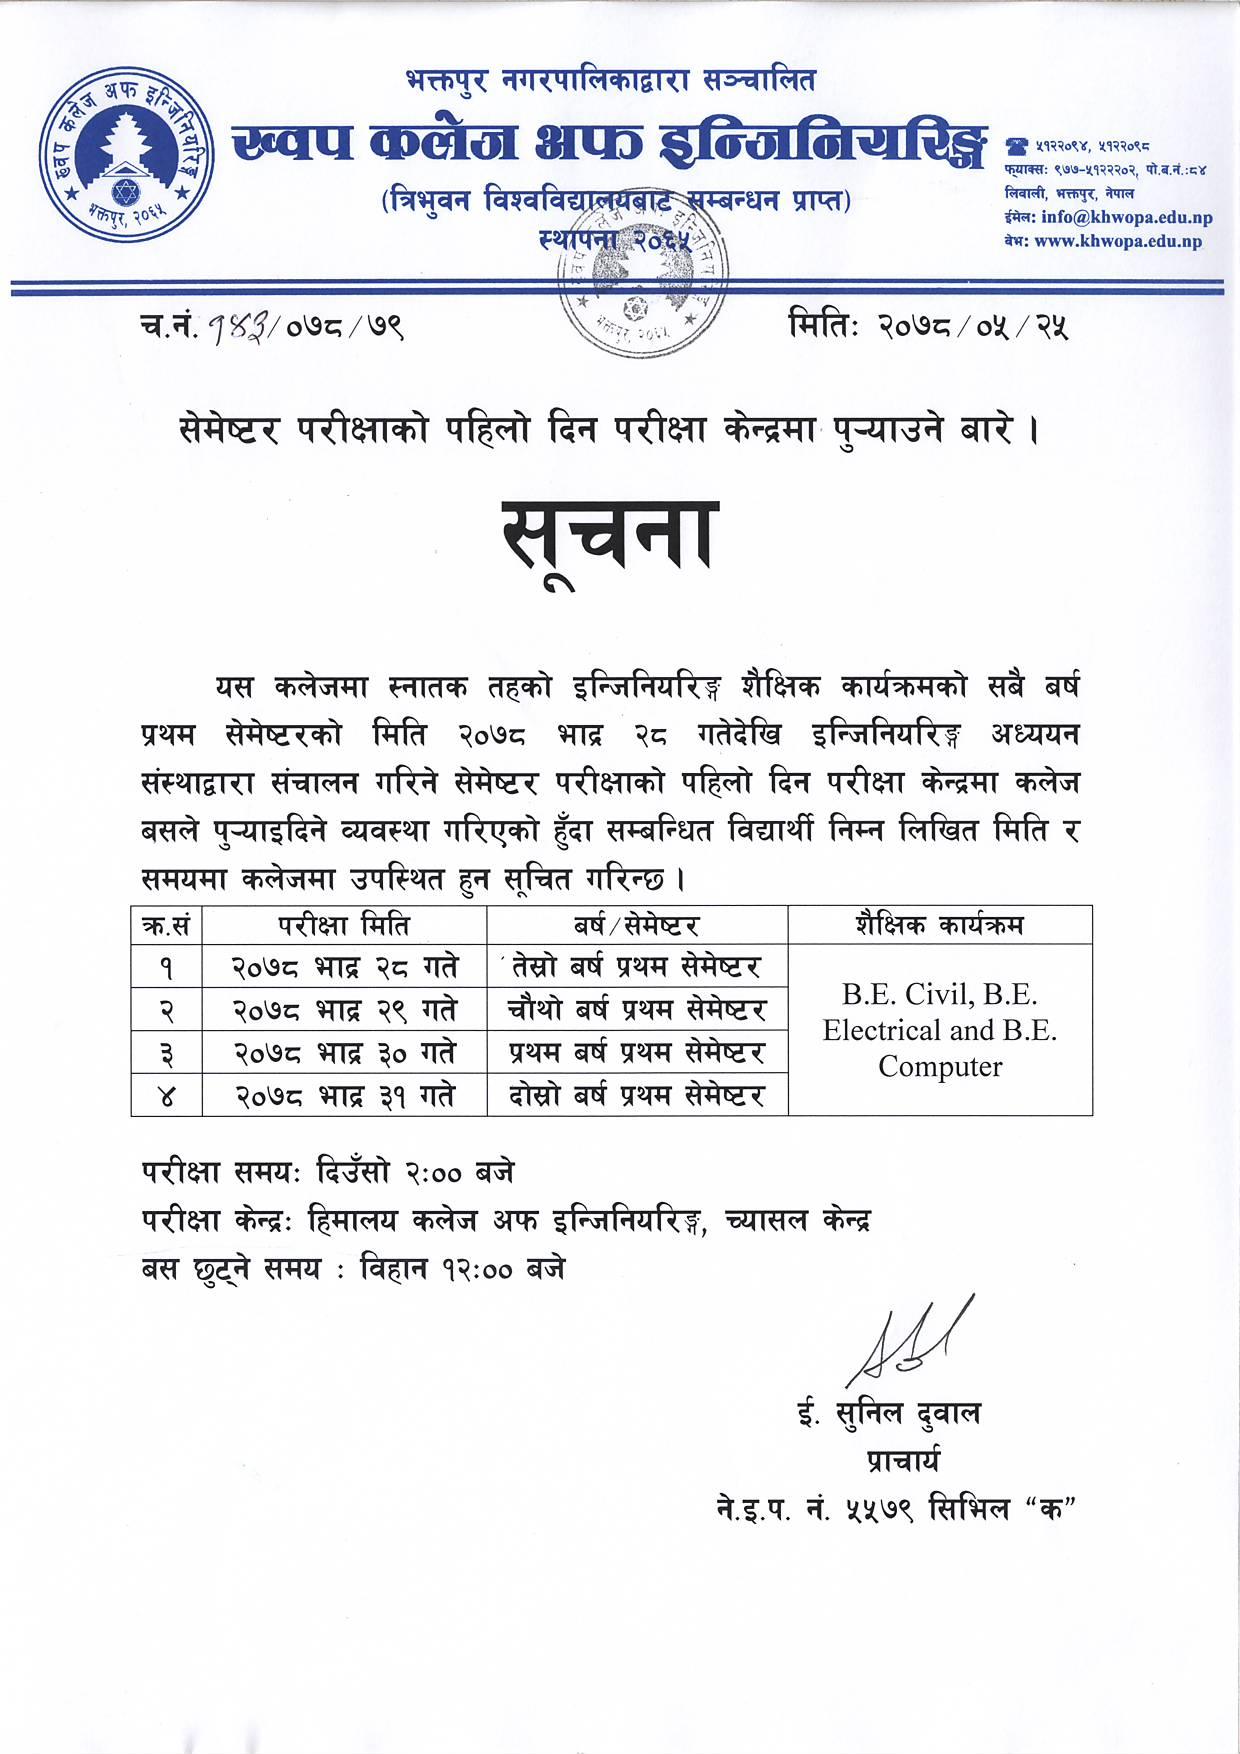 सेमेष्टर परीक्षाको पहिलो दिन परीक्षा केन्द्रमा पु¥याउने बारे । सूचना